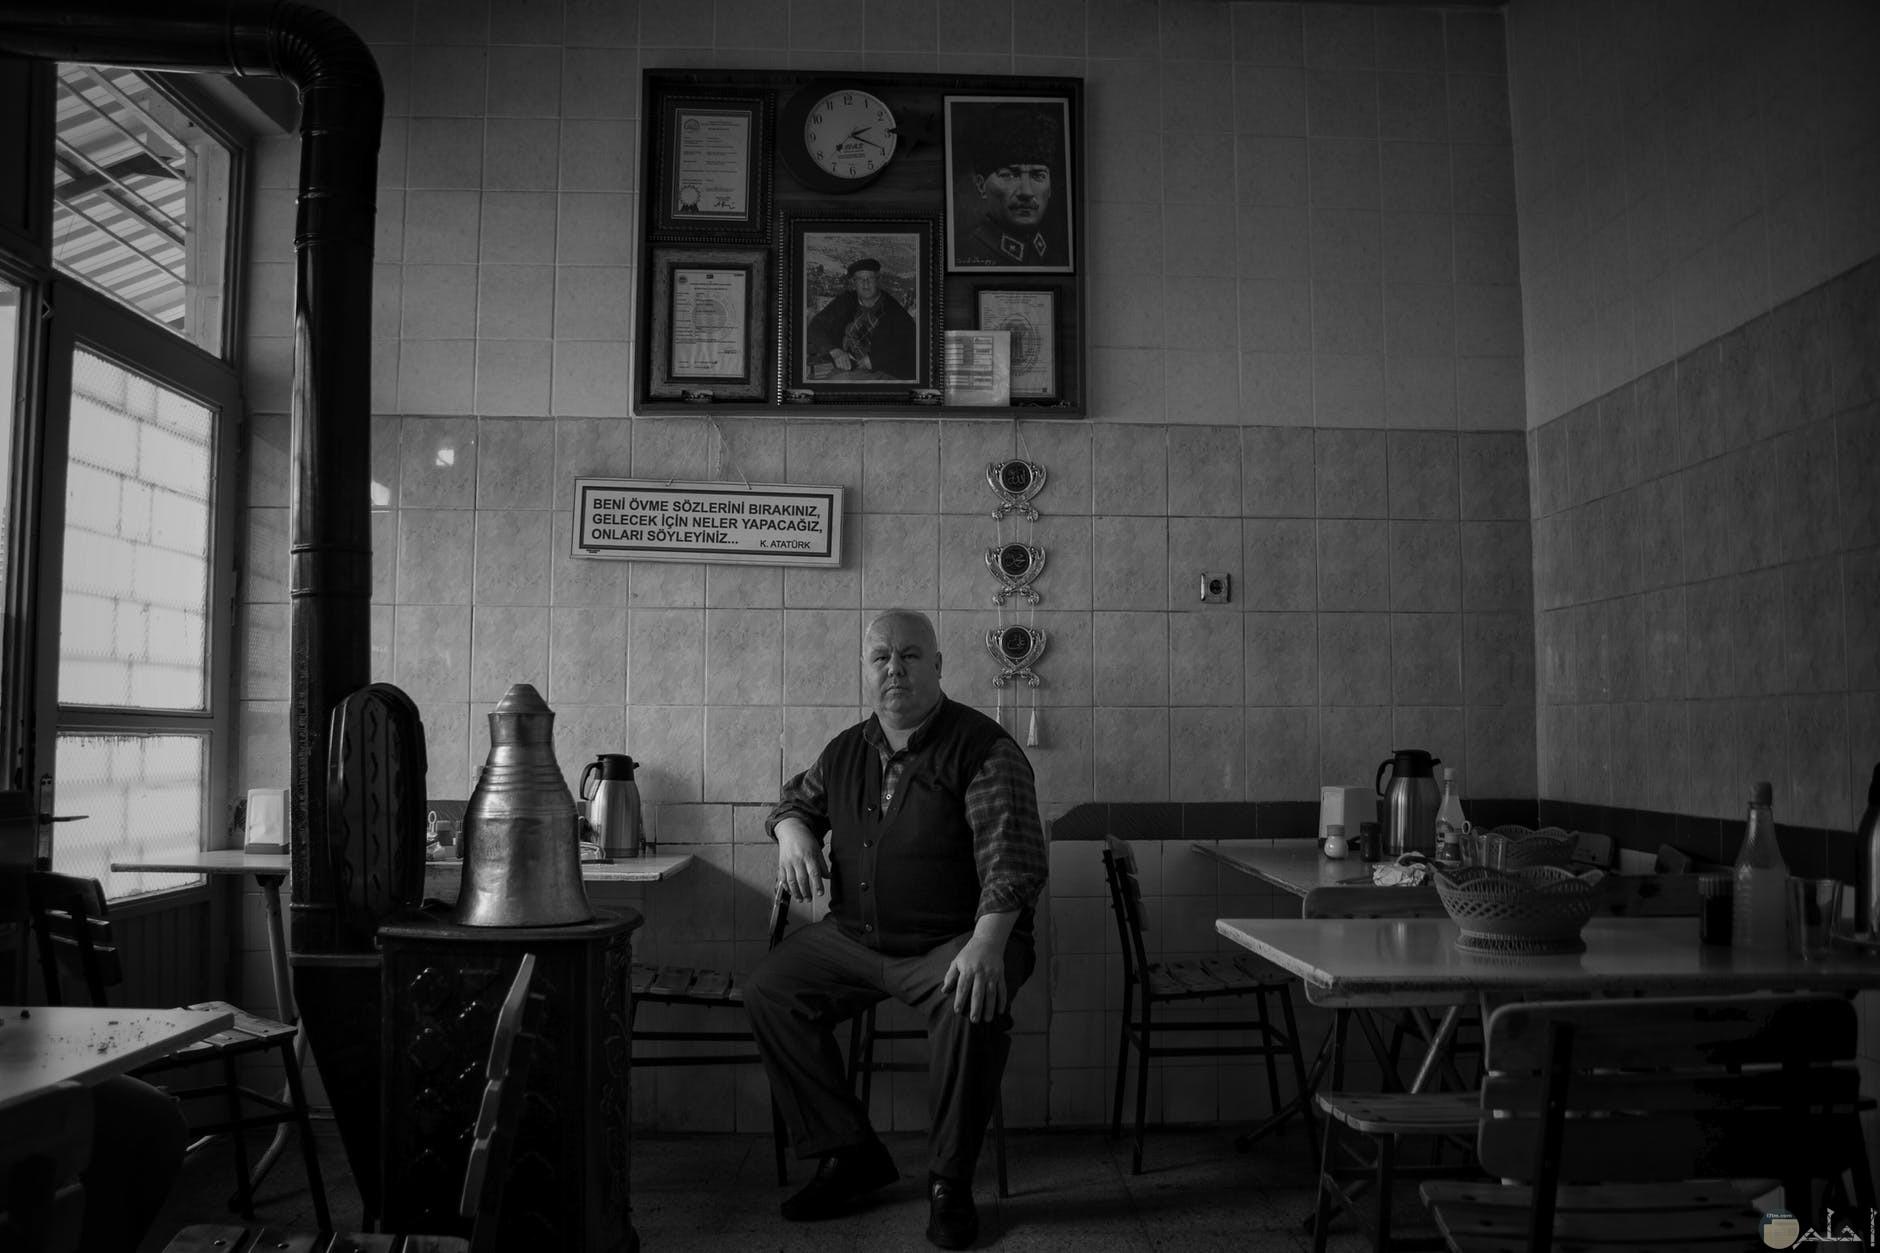 صورة قديمة لرجل يجلس في مقهي